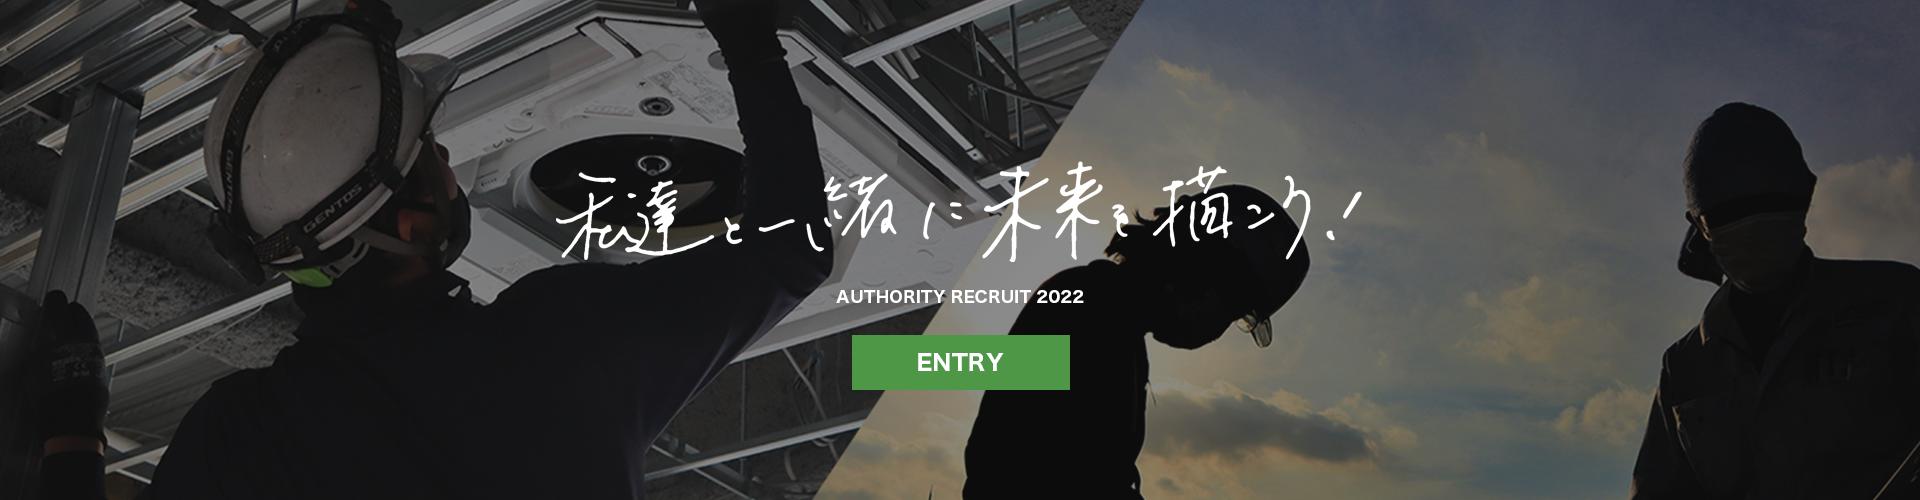 株式会社オーソリティー空調特設採用サイト「私たちと一緒に未来を描こう!」